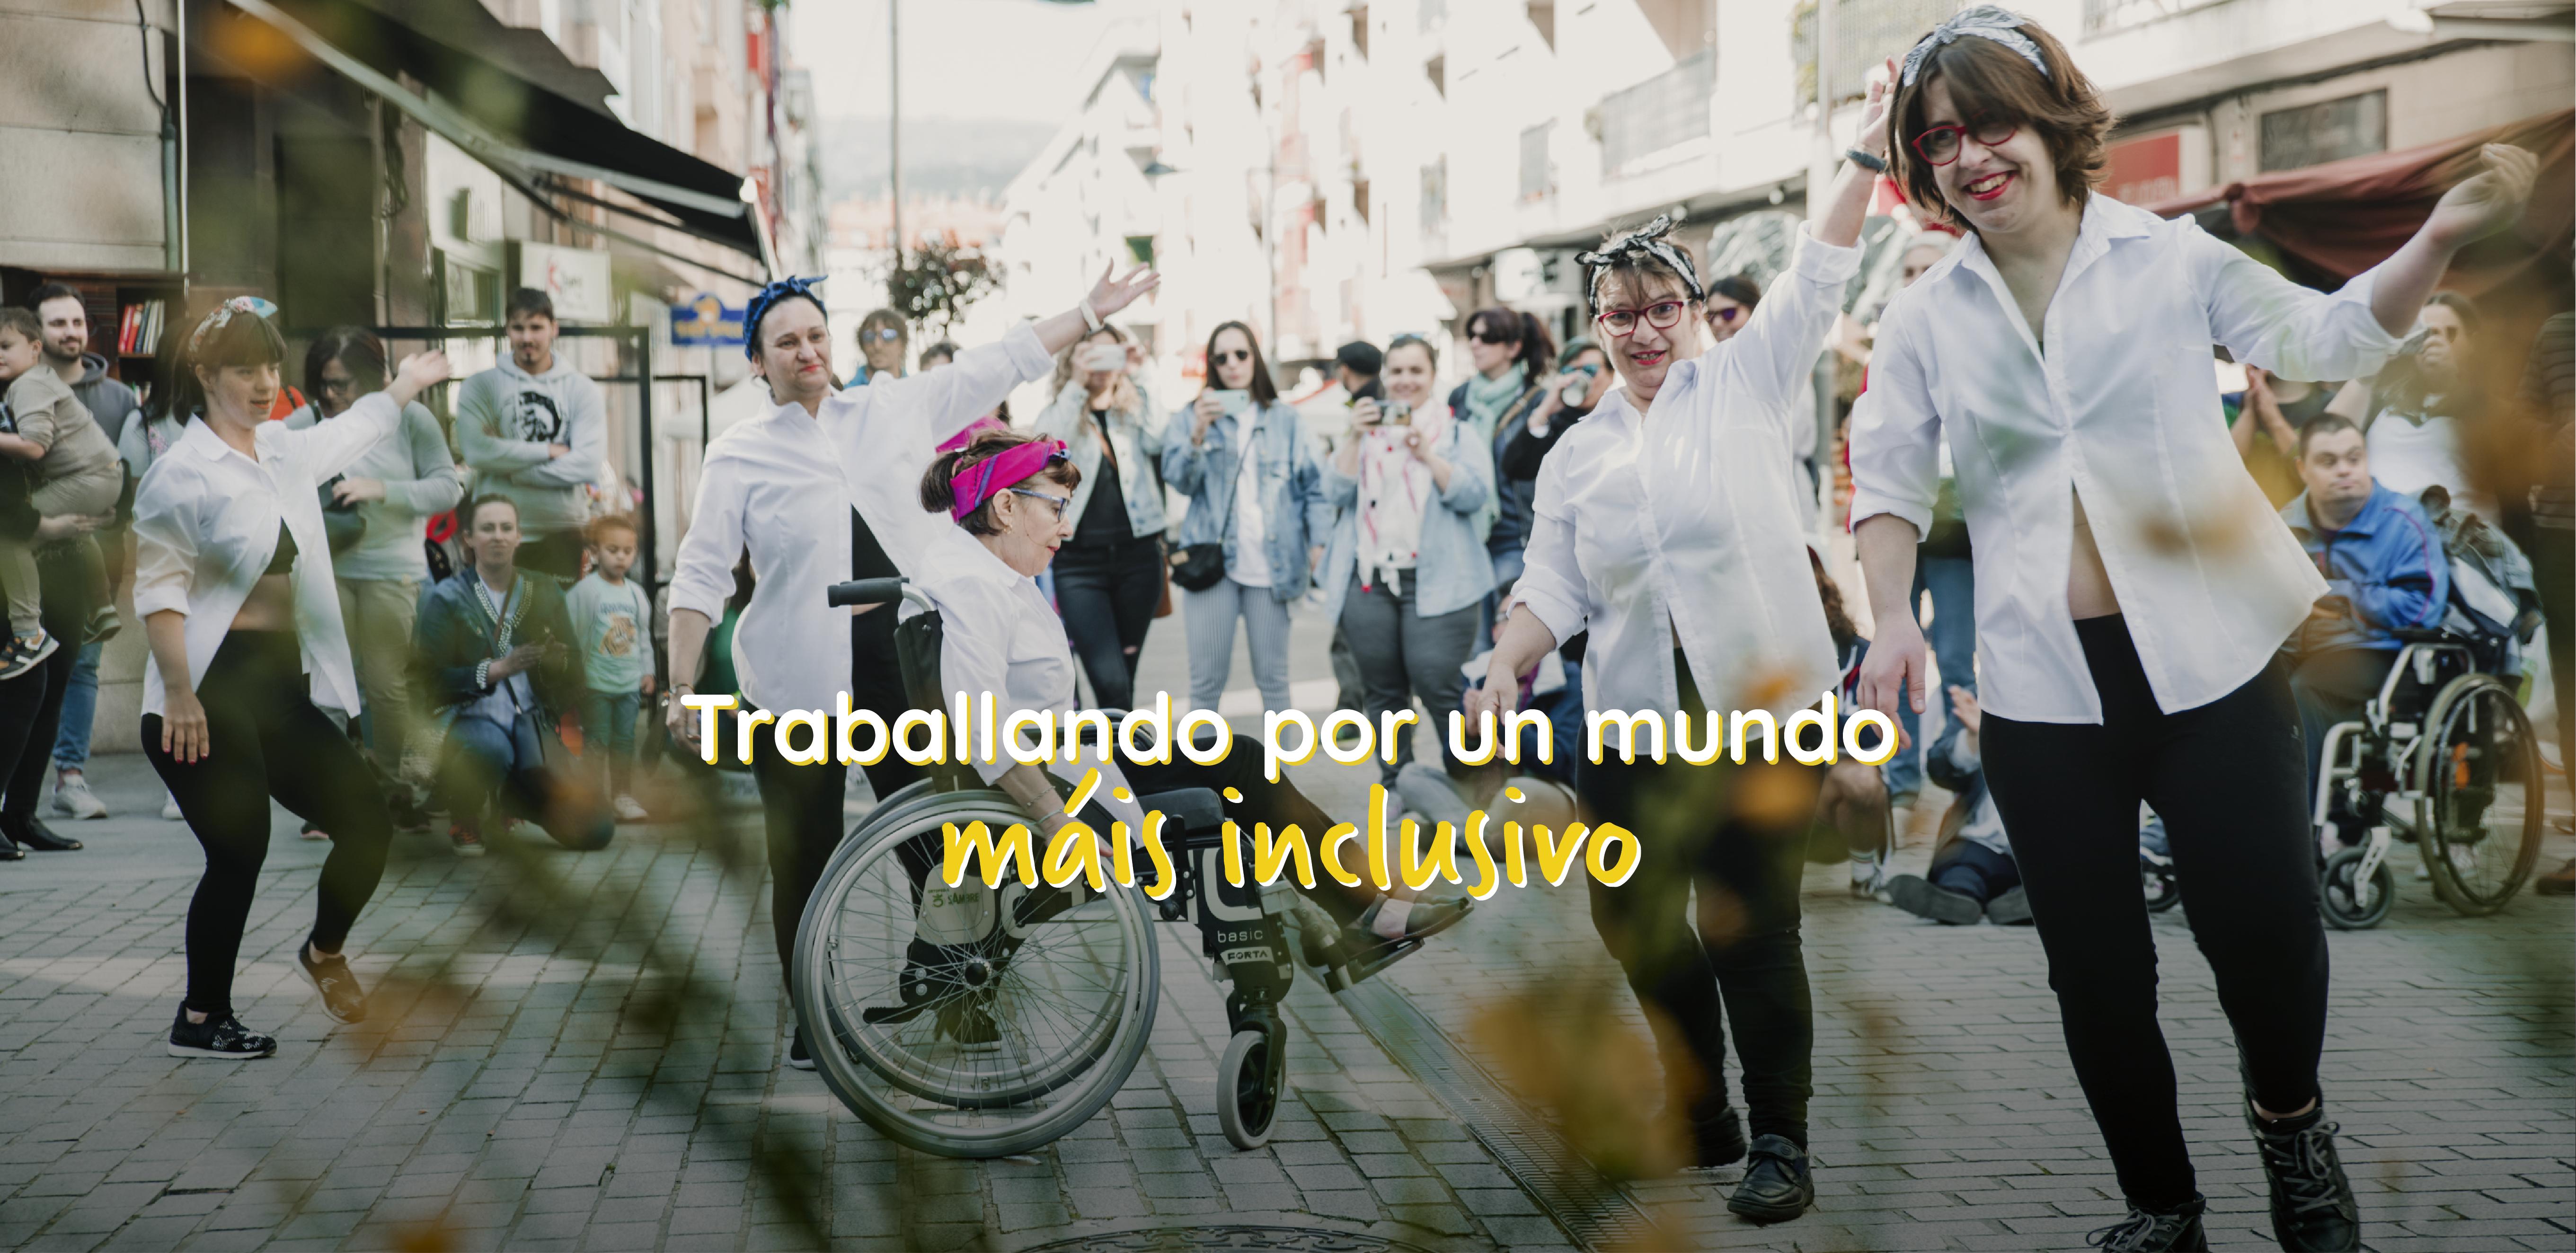 Grupo de artes escénicas de Ambar escenificando unha performance na feria Maio Vintage coa frase de fondo: traballando por un mundo máis inclusivo